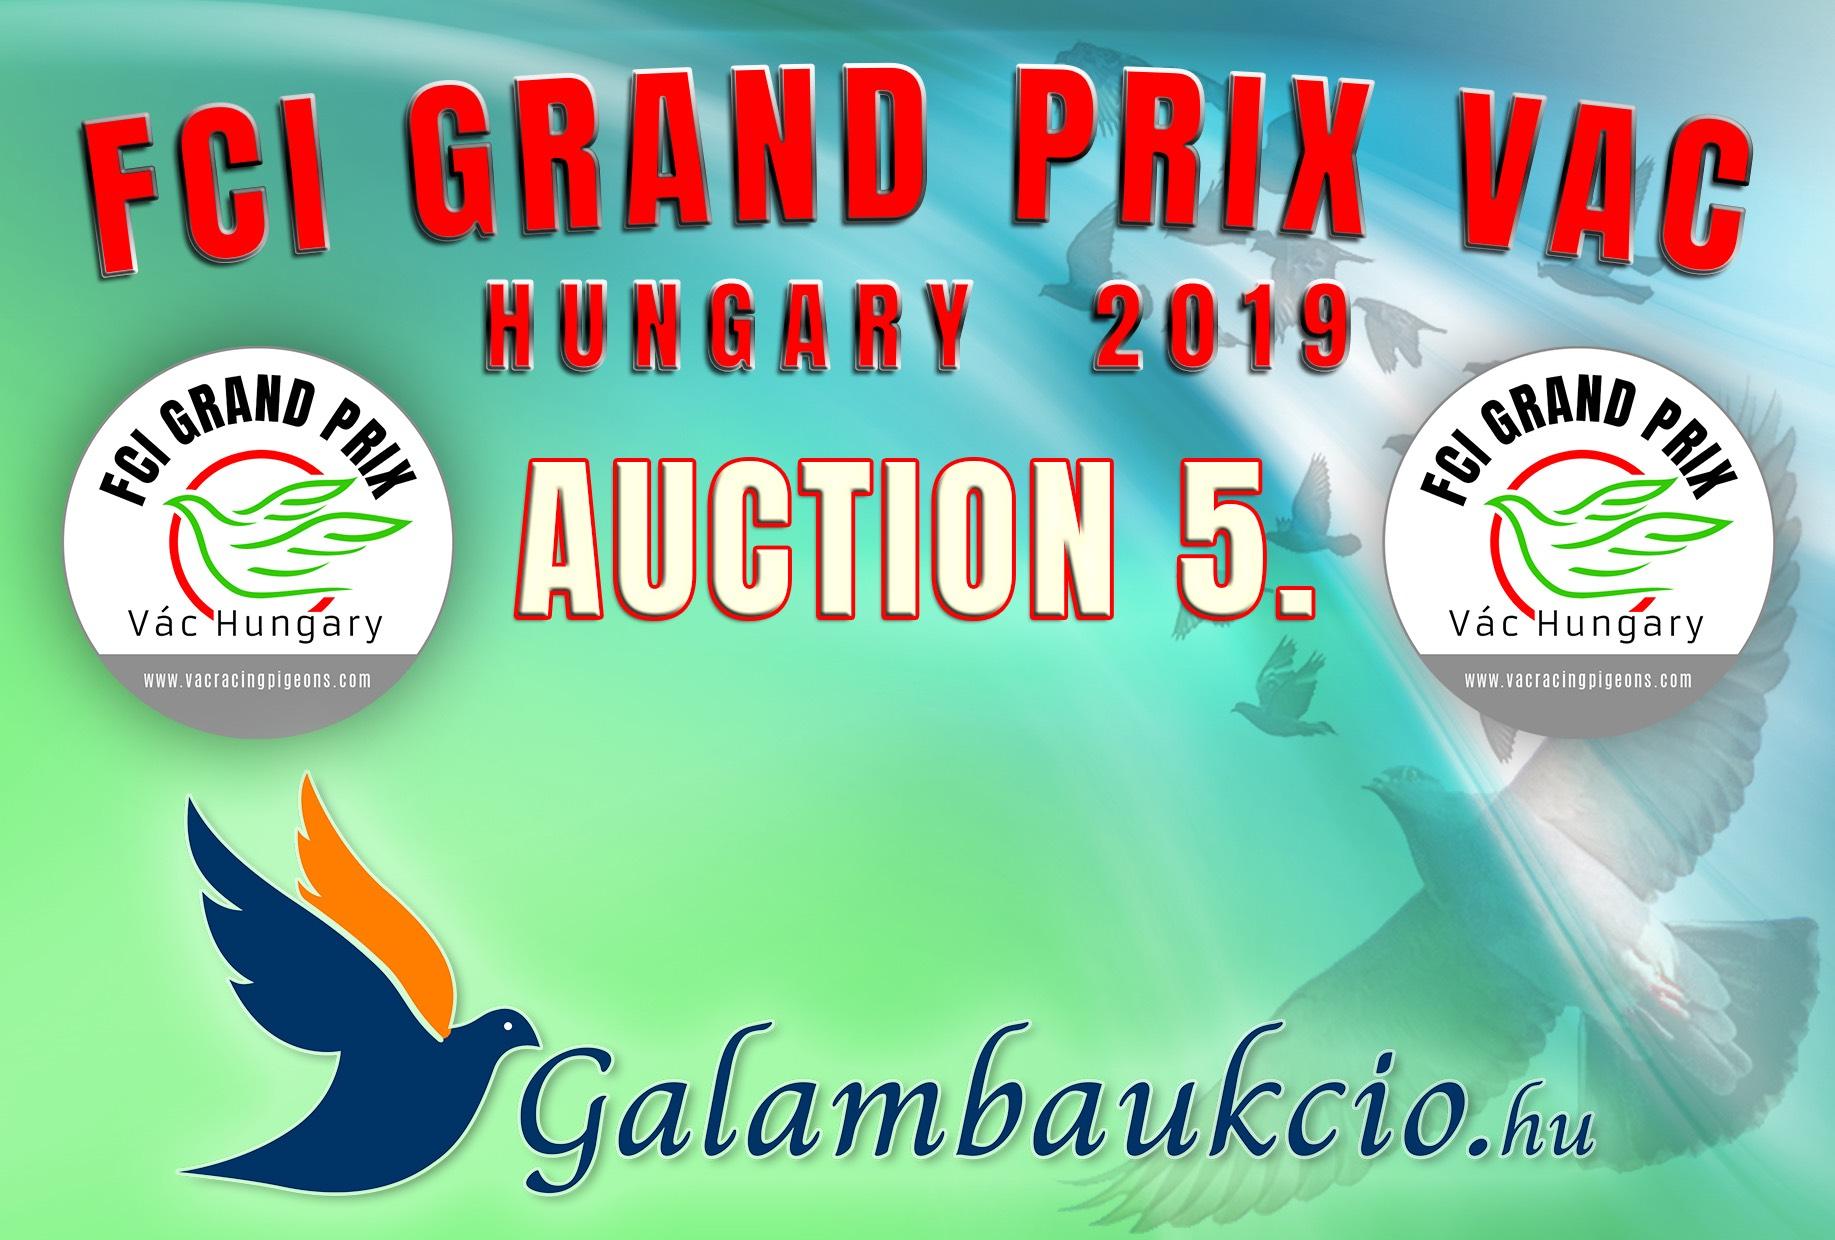 FCI Grand Prix Vác Hungary 2019. AUKCIÓ 5.